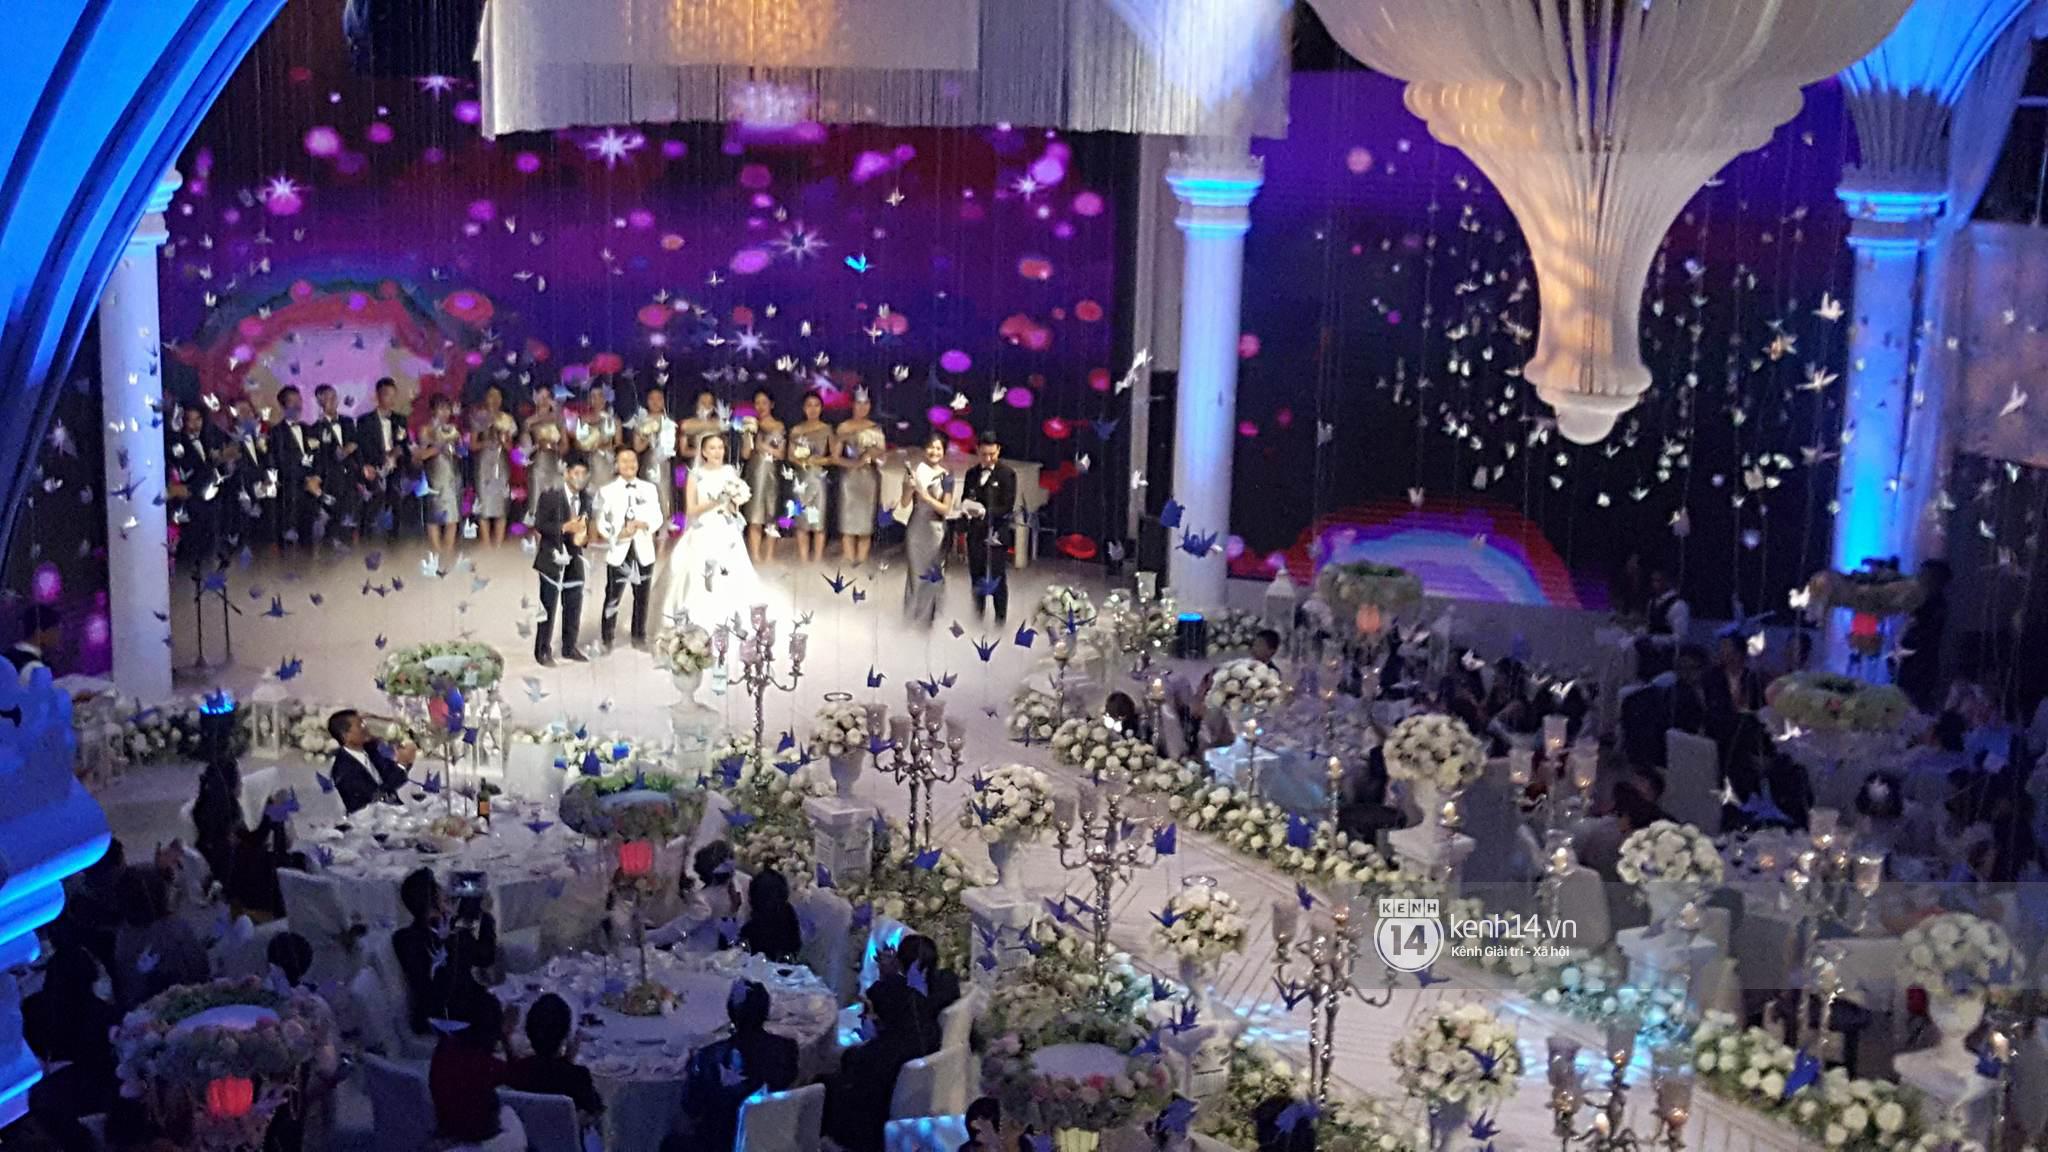 Đám cưới MC Mai Ngọc: Không gian lộng lẫy, cầu kỳ, xứng đáng là đám cưới sang chảnh nhất Hà Nội hôm nay - Ảnh 20.